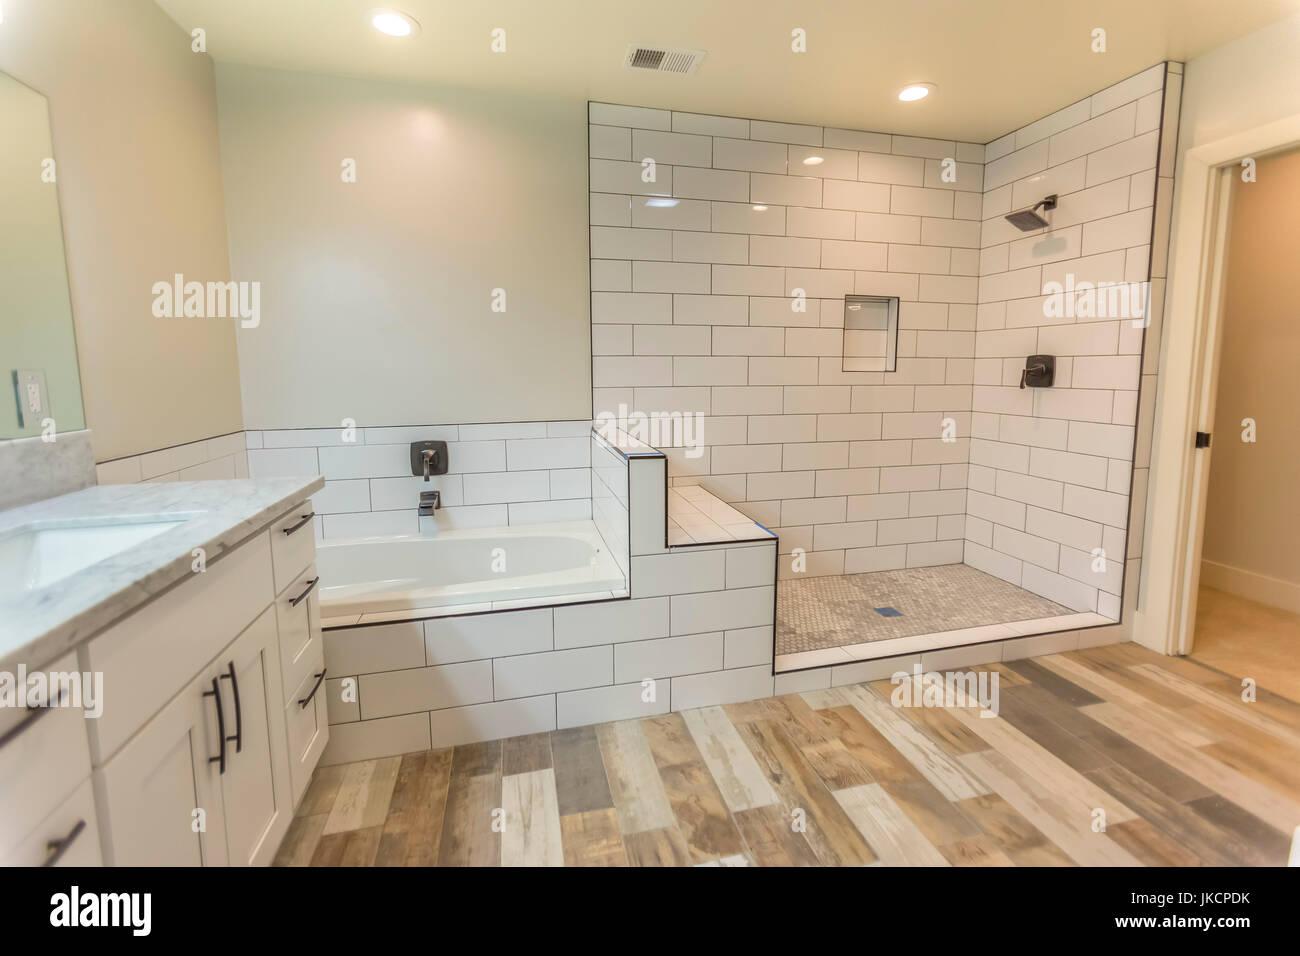 Hogares modelo siempre lucir bonitos cuartos de baño con ...